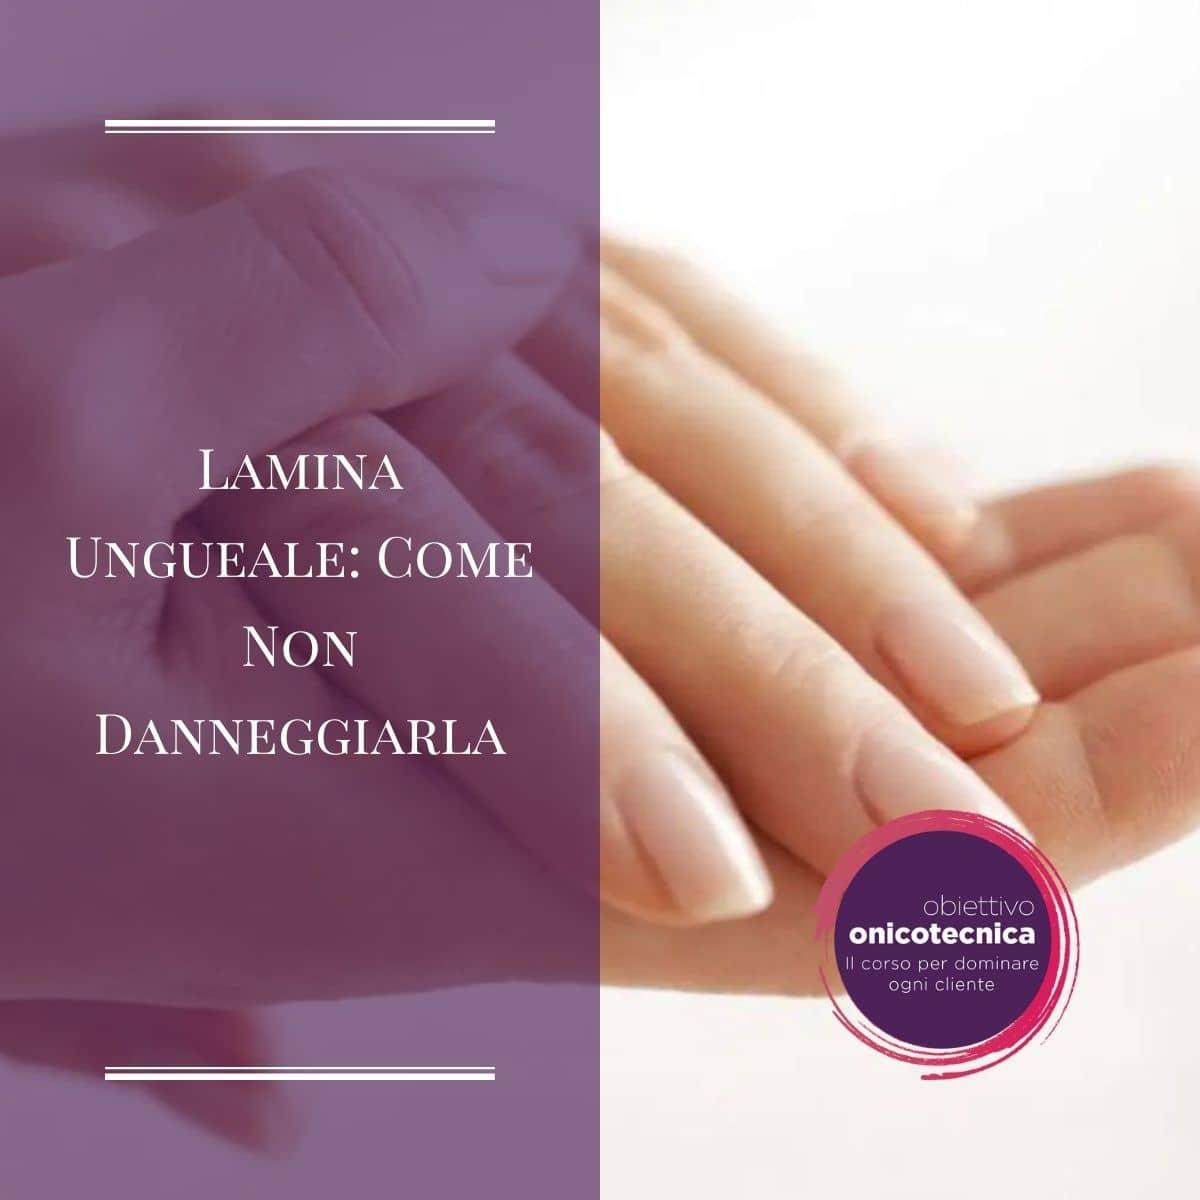 Lamina Ungueale: Come Non Danneggiarla